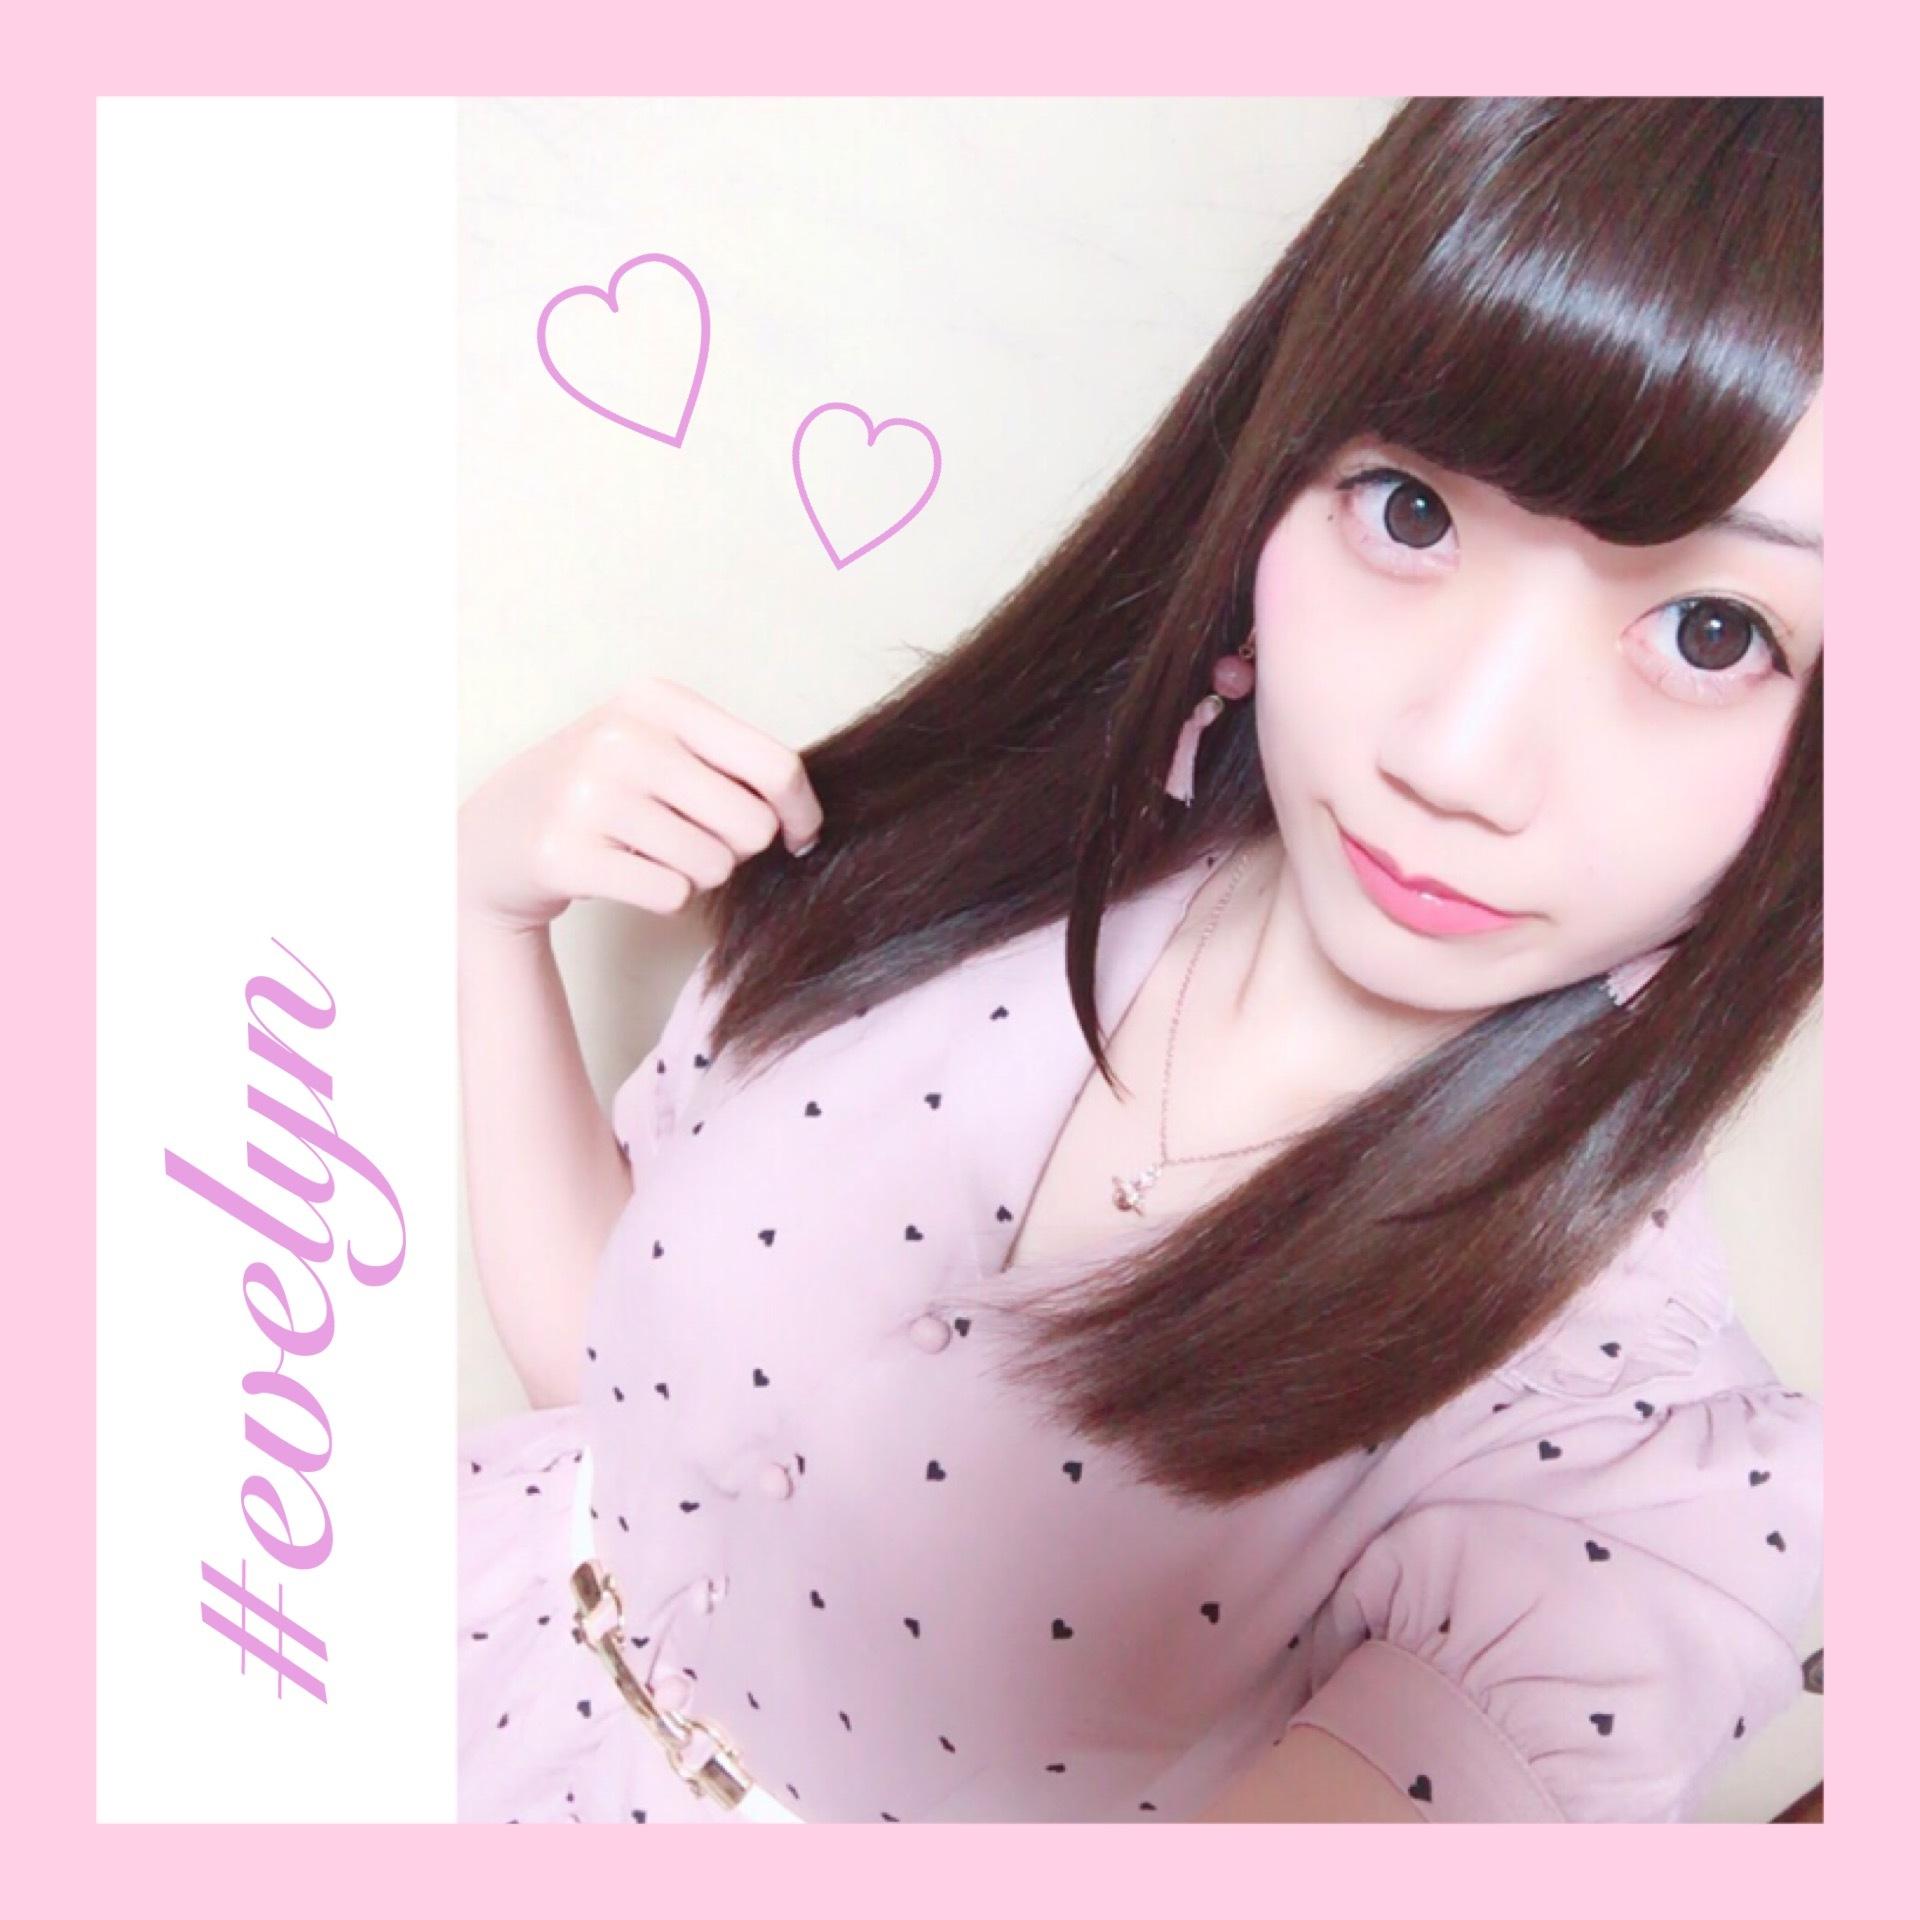 【evelyn】大人気!秋にぴったり♡ハートワンピース♩_1_1